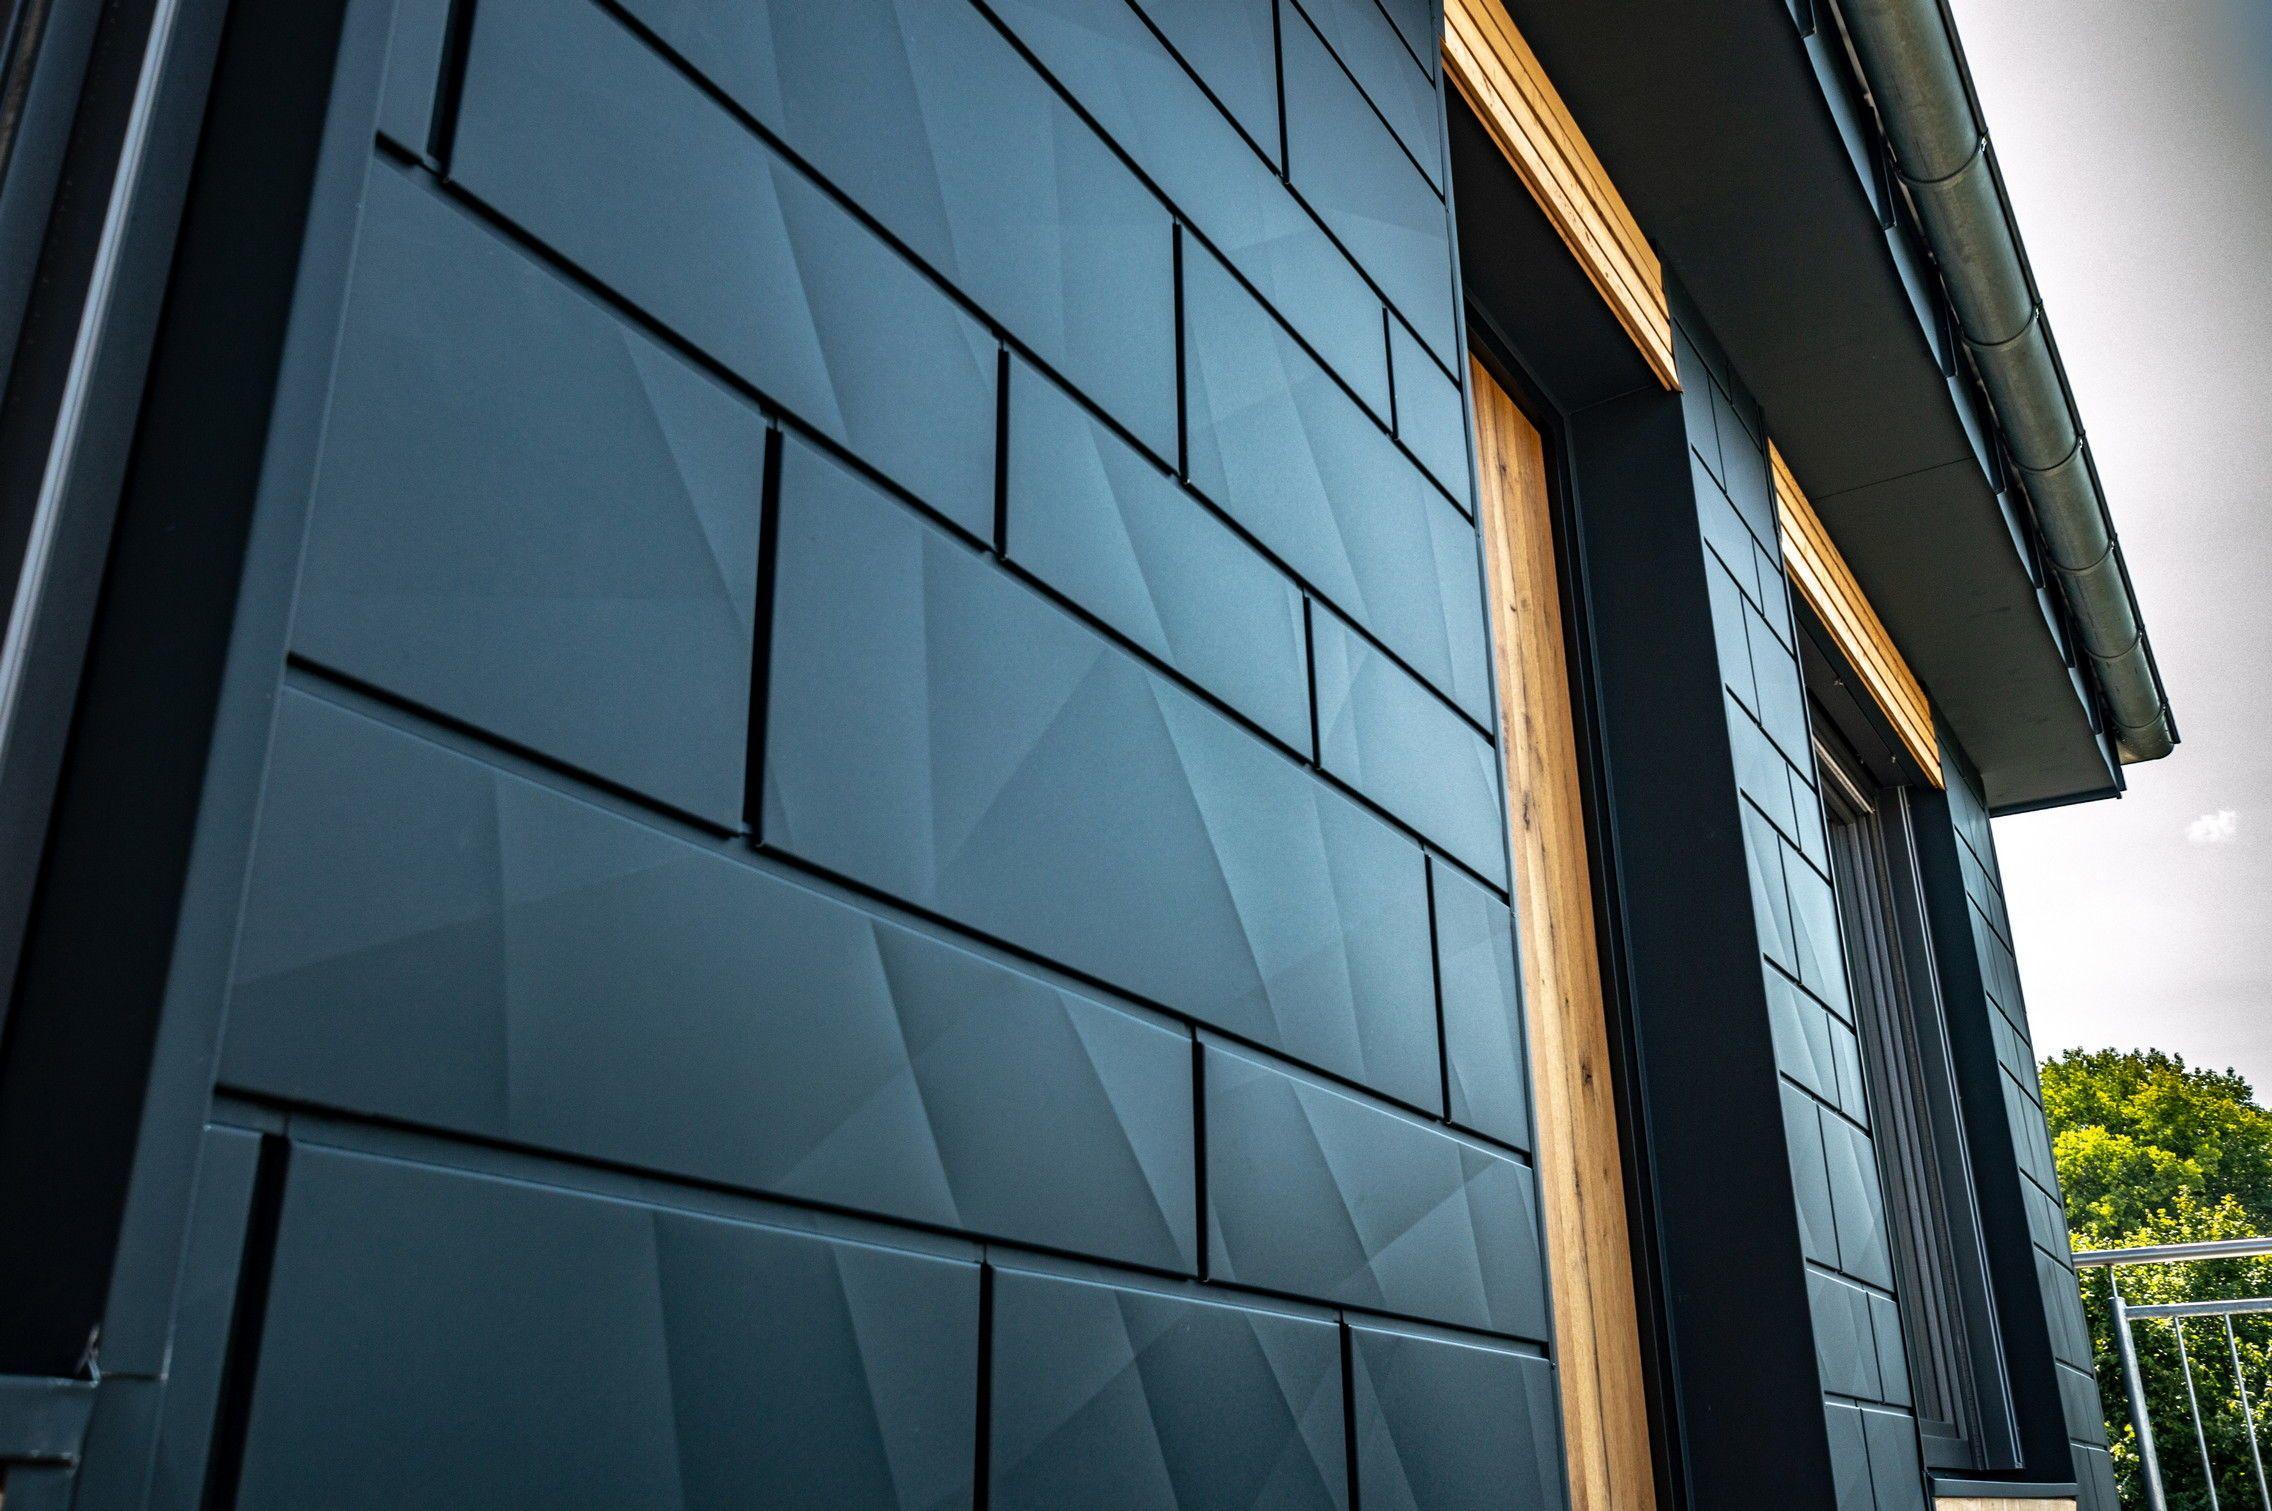 Prefa Coated Aluminium Google Search Altbausanierung Dachsanierung Dachsysteme